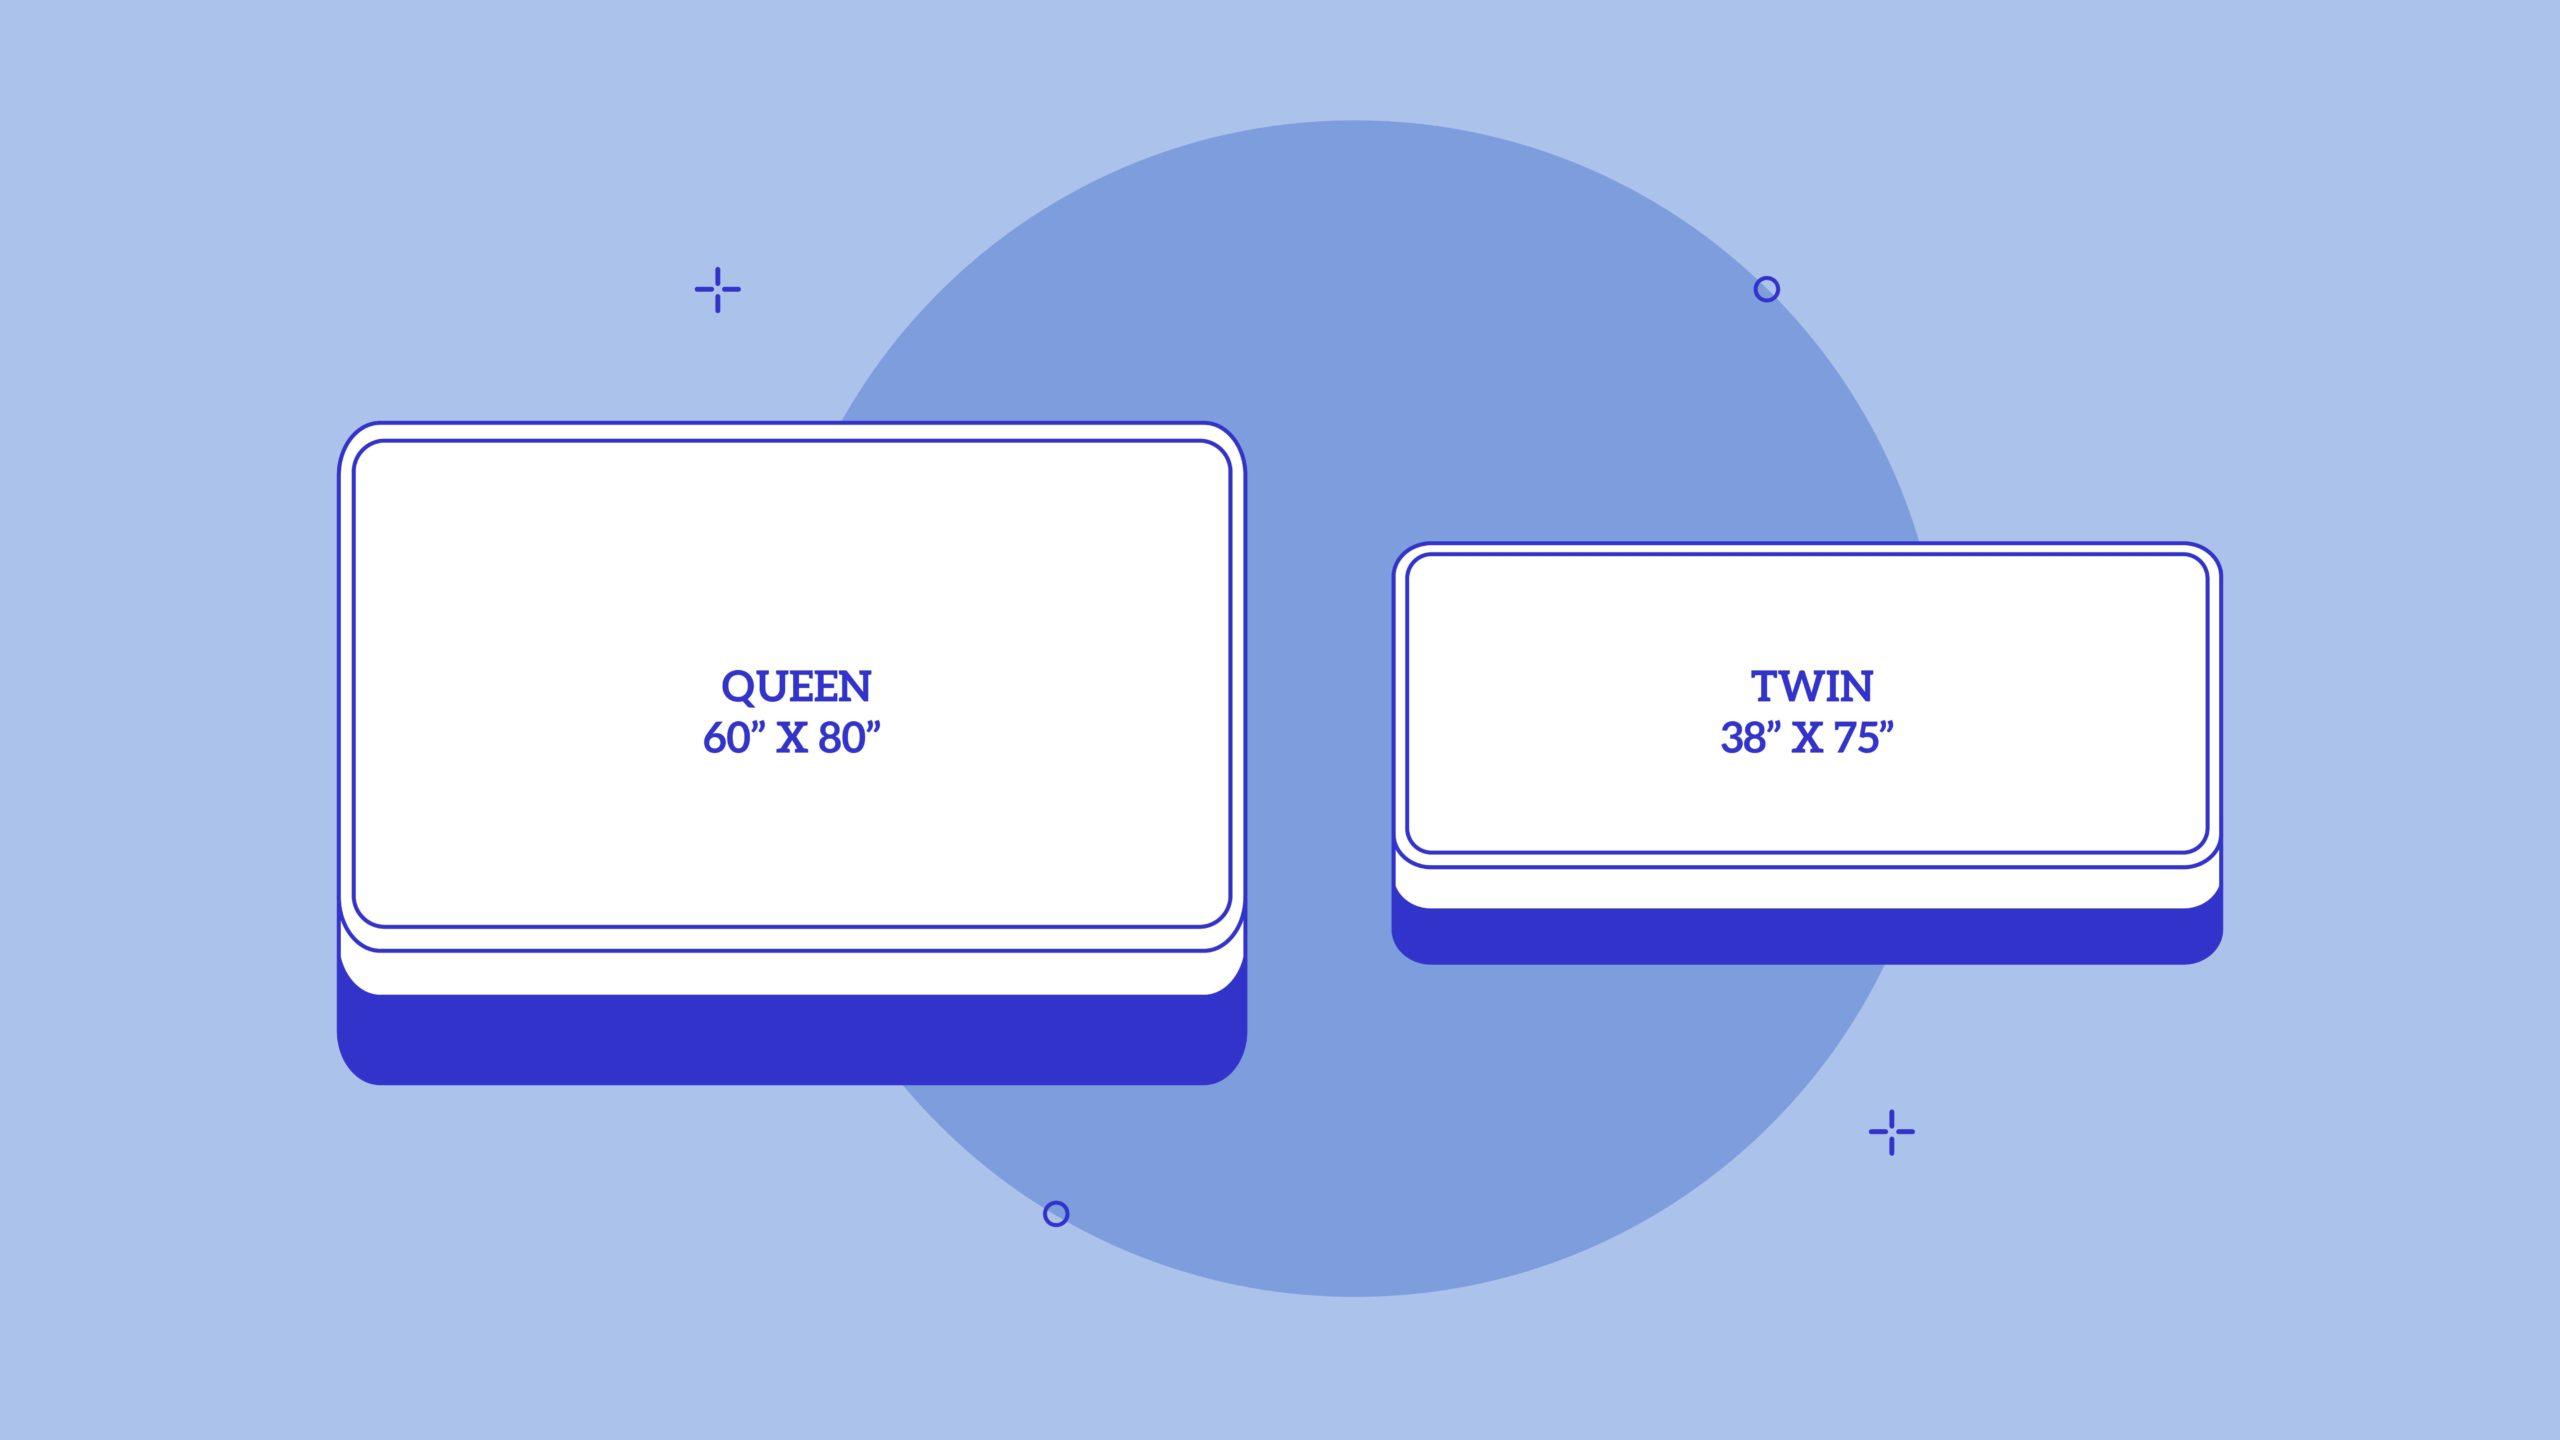 queen-vs-twin